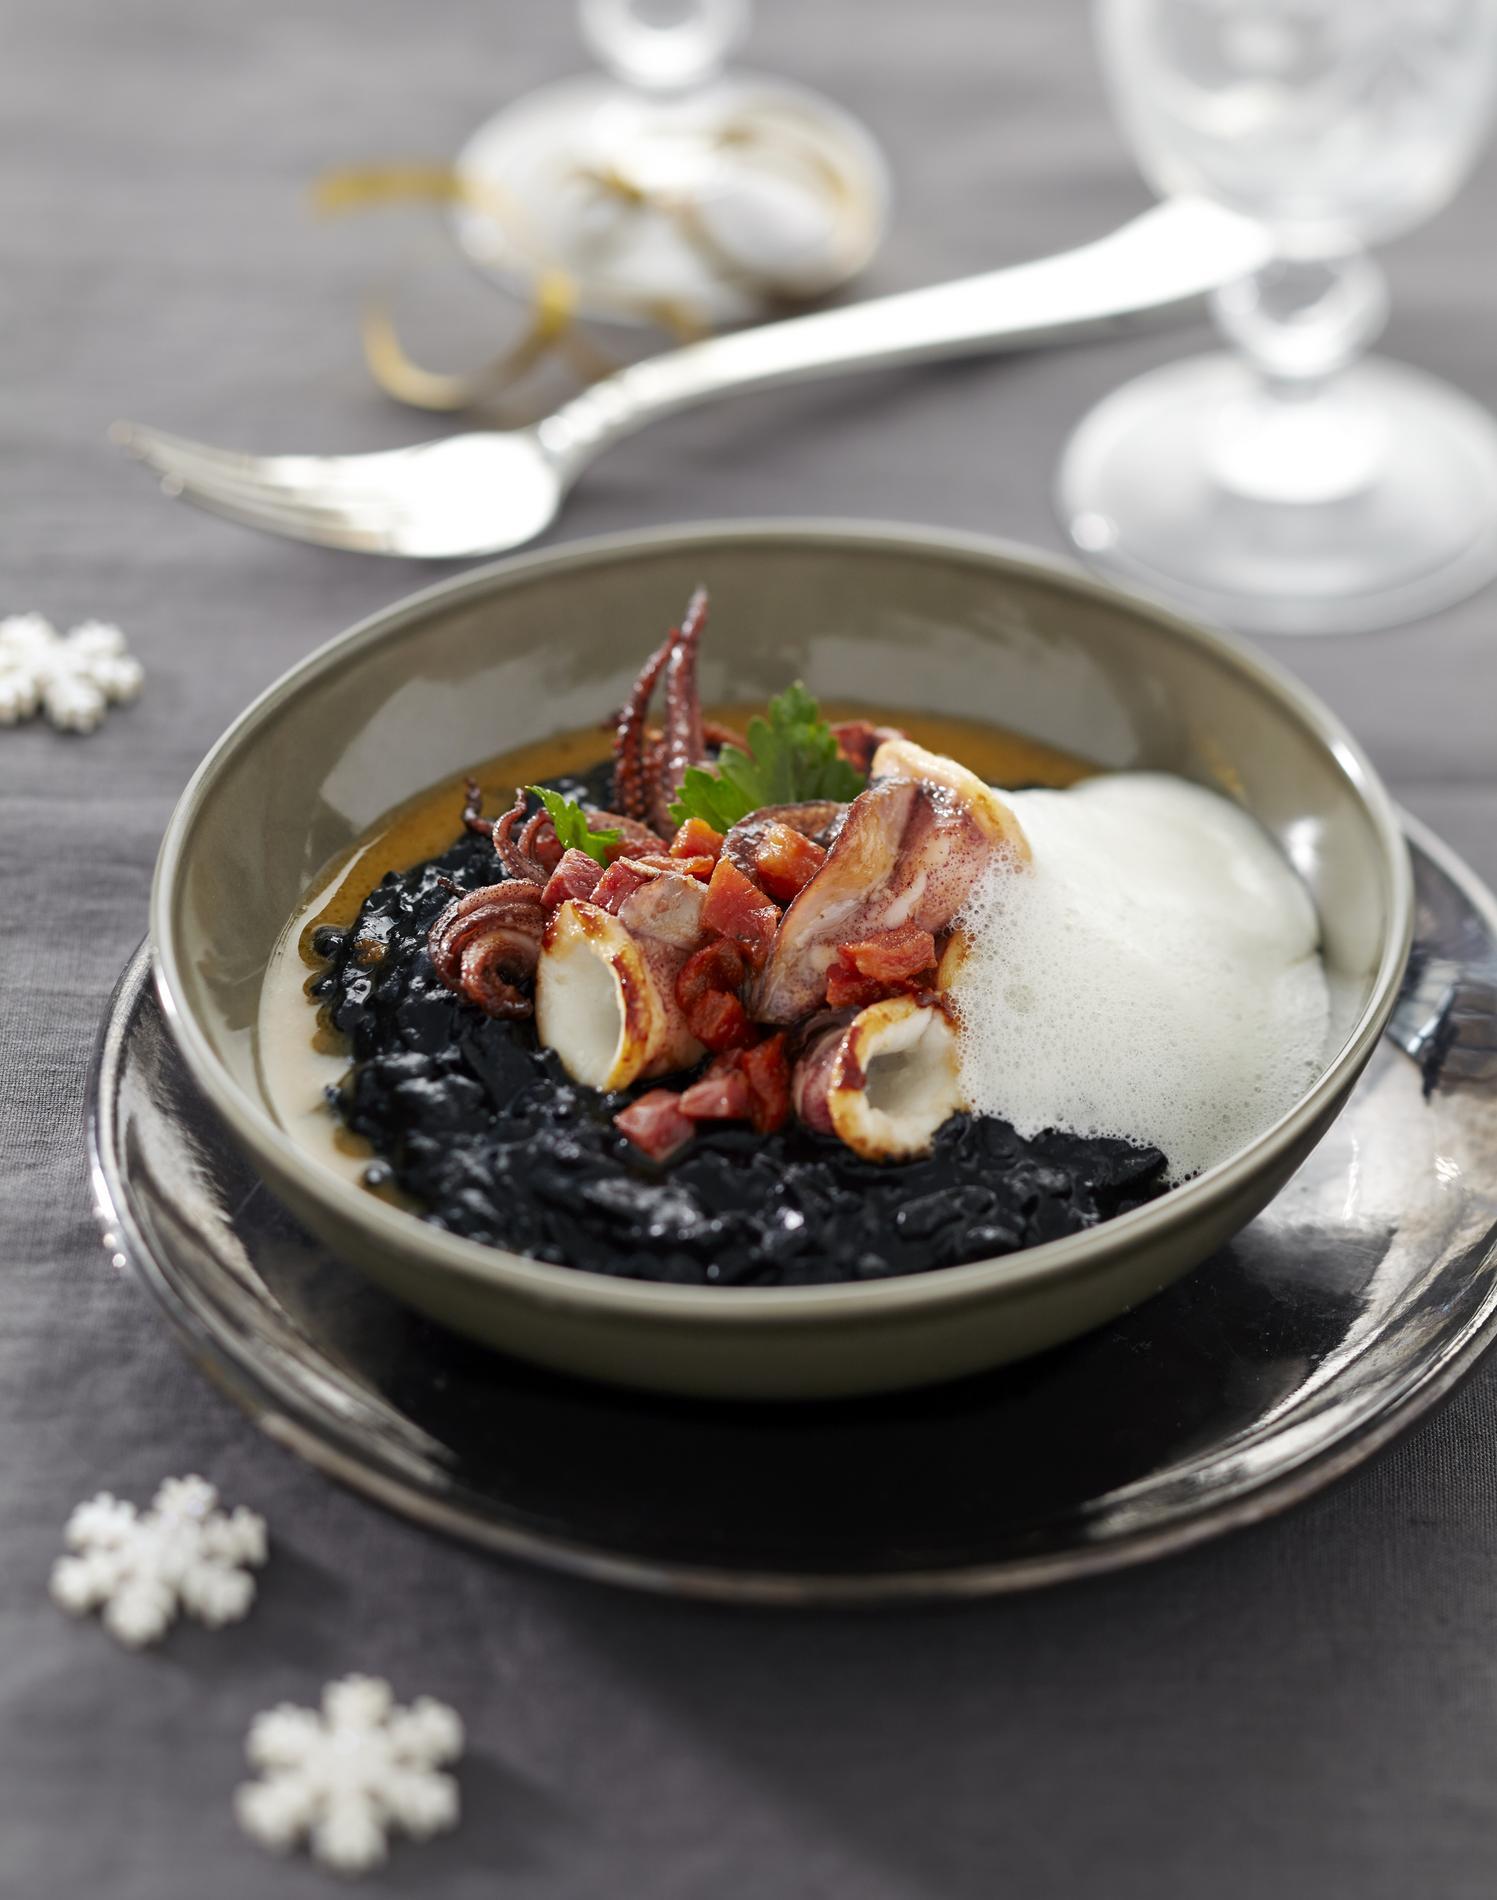 recette chipirons saut s au chorizo et riz noir cuisine madame figaro. Black Bedroom Furniture Sets. Home Design Ideas